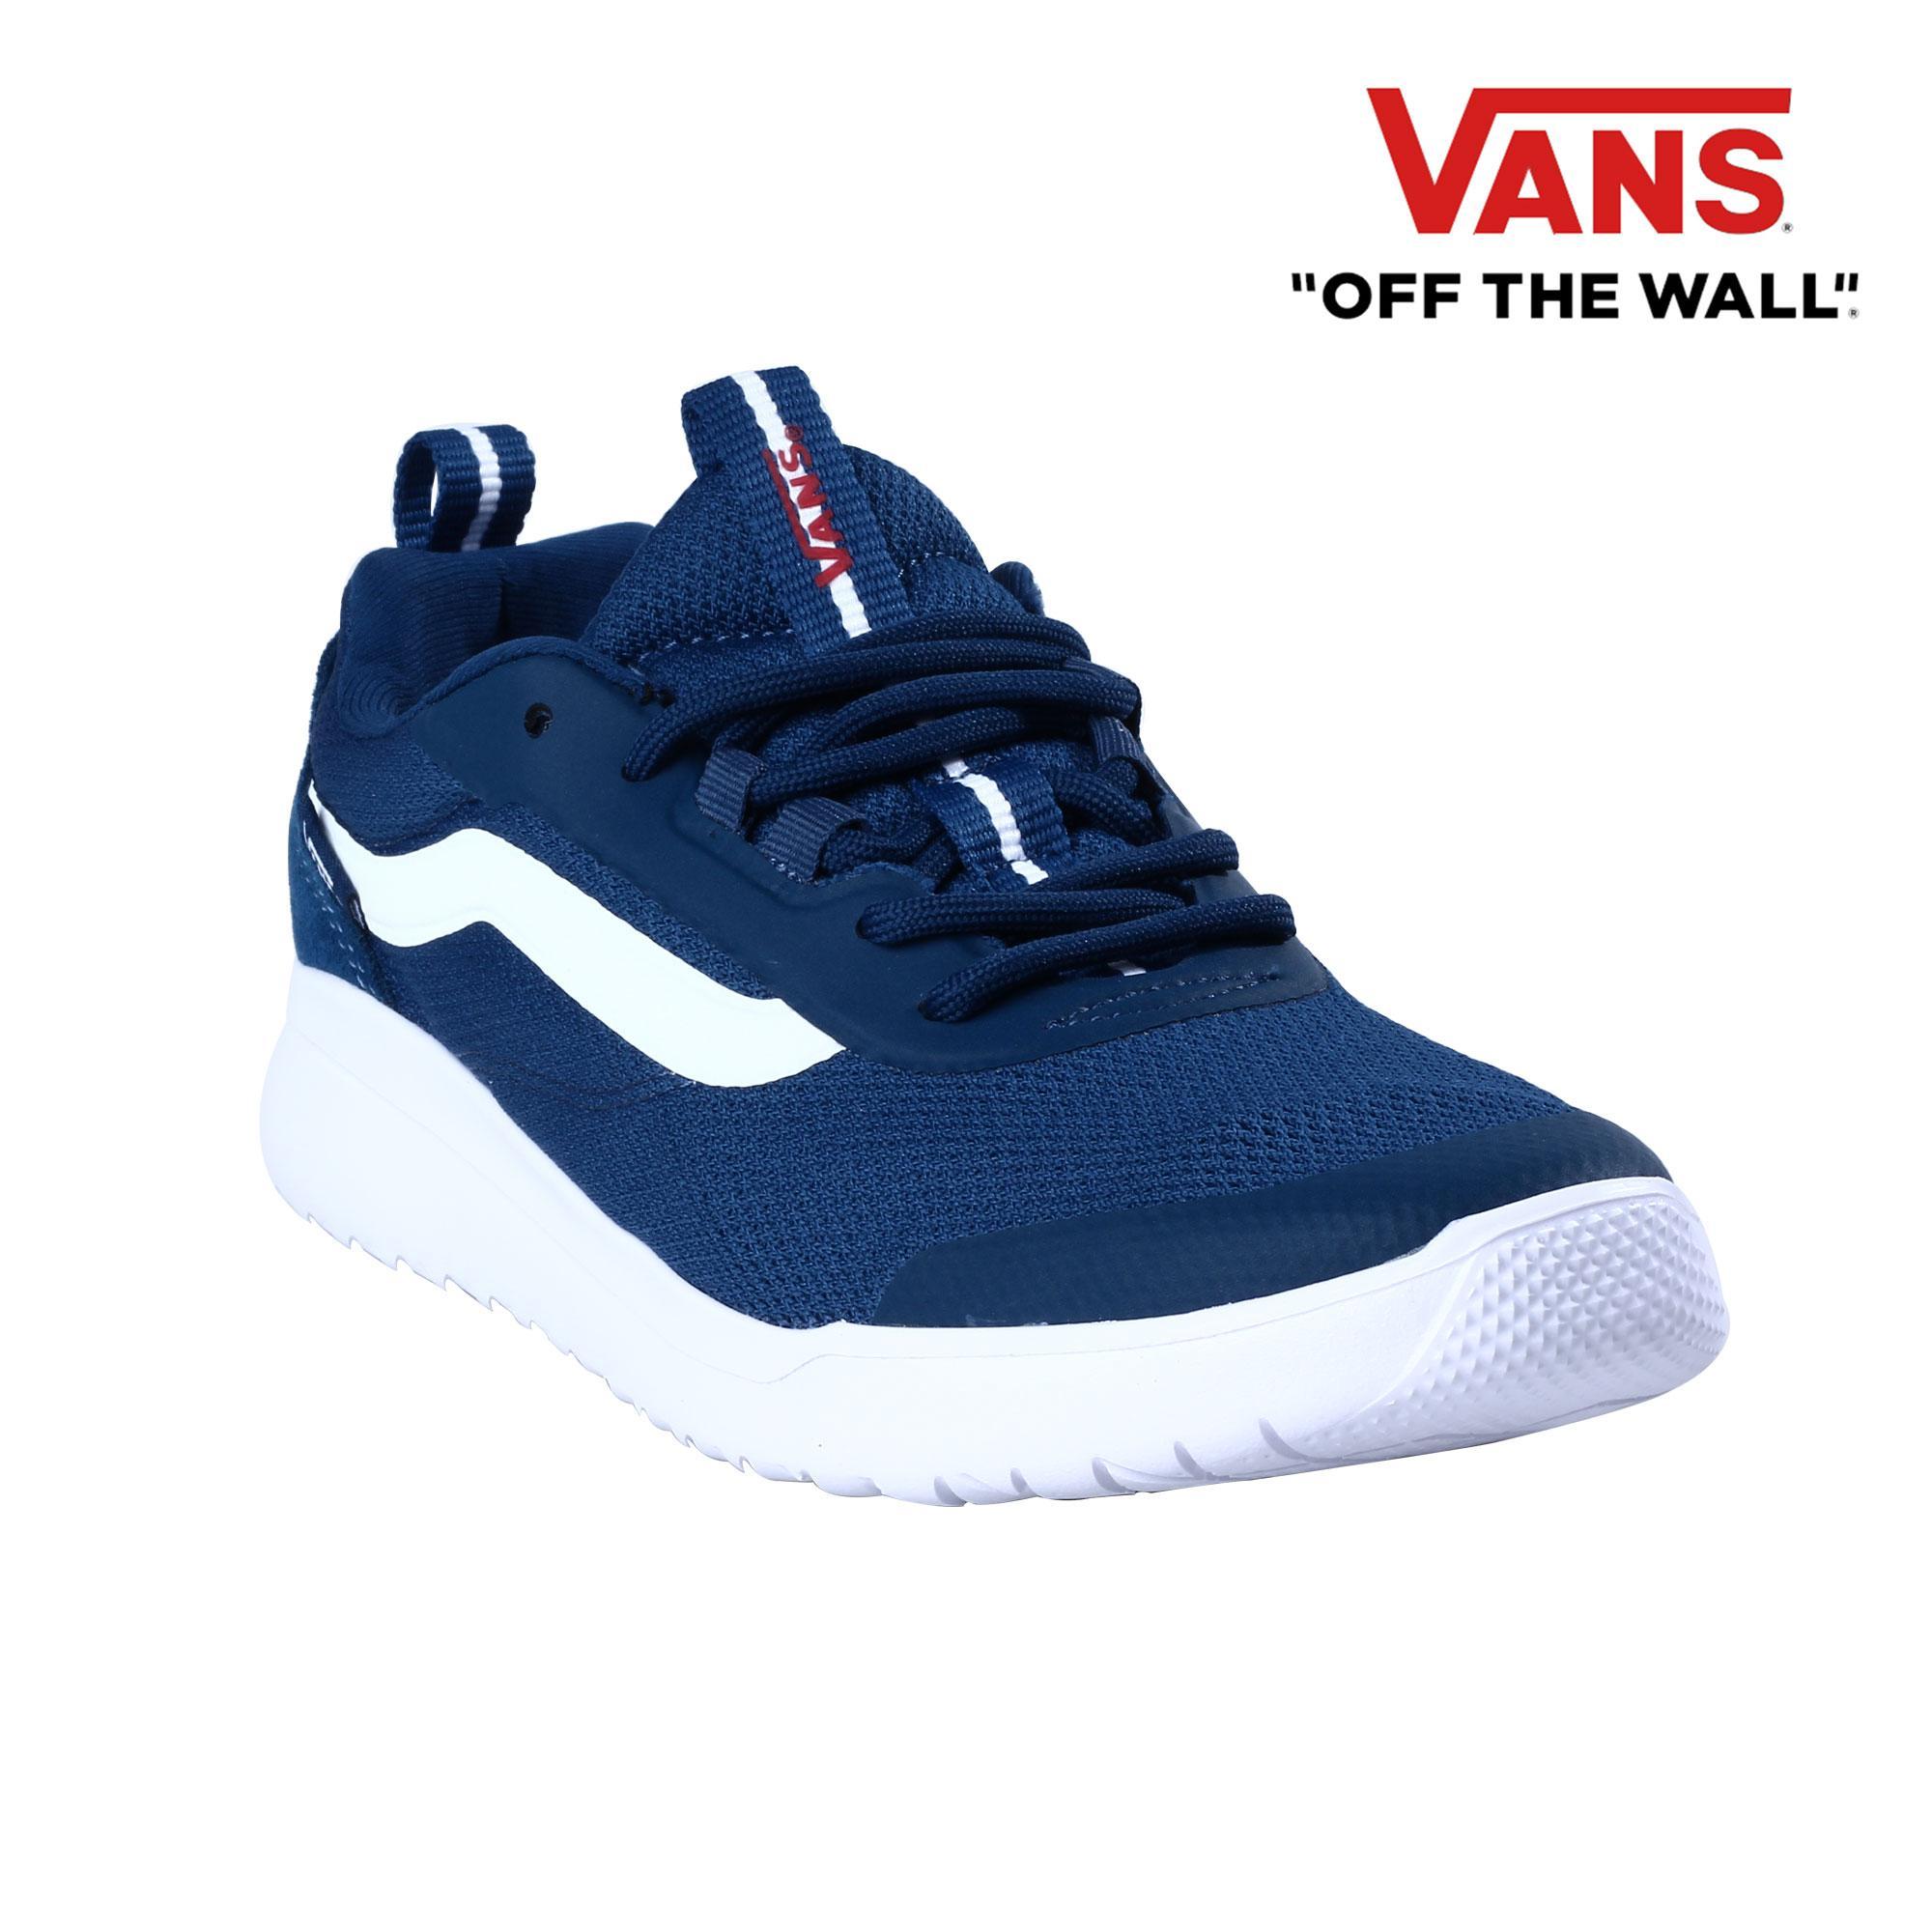 4ad50df4 Vans Shoes for Men Philippines - Vans Men's Shoes for sale - prices ...